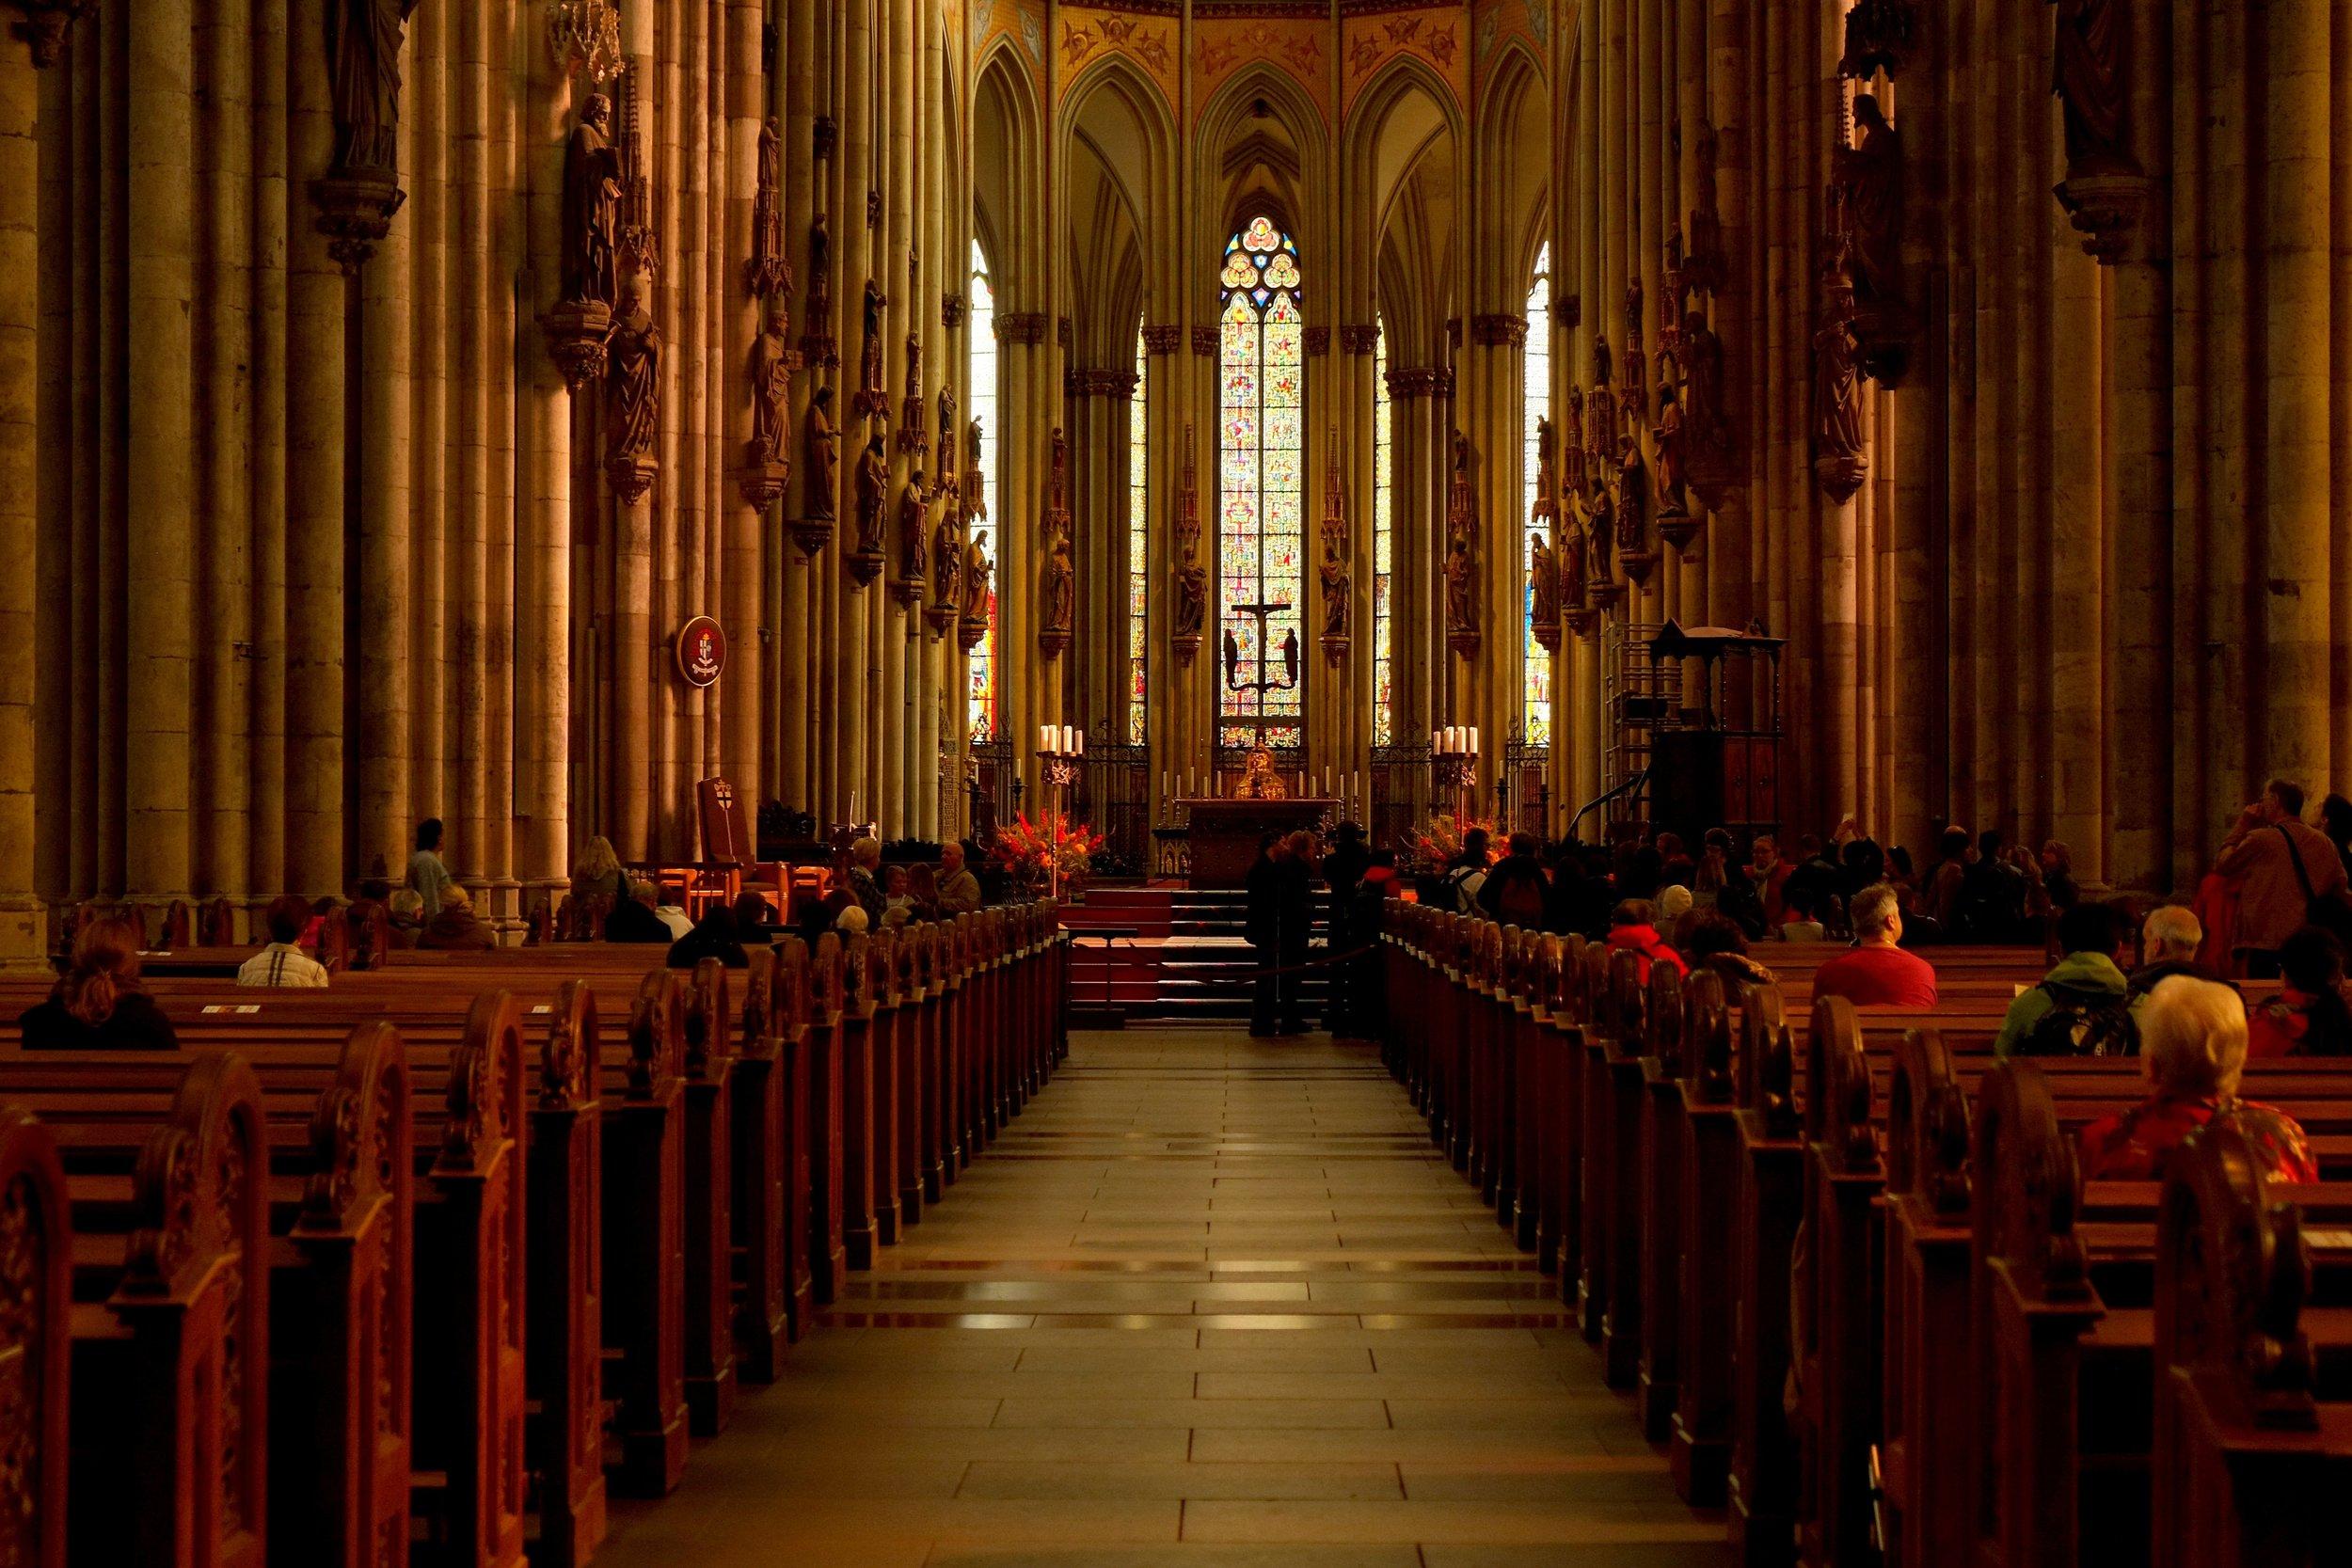 abbey-aisle-altar-236321.jpg